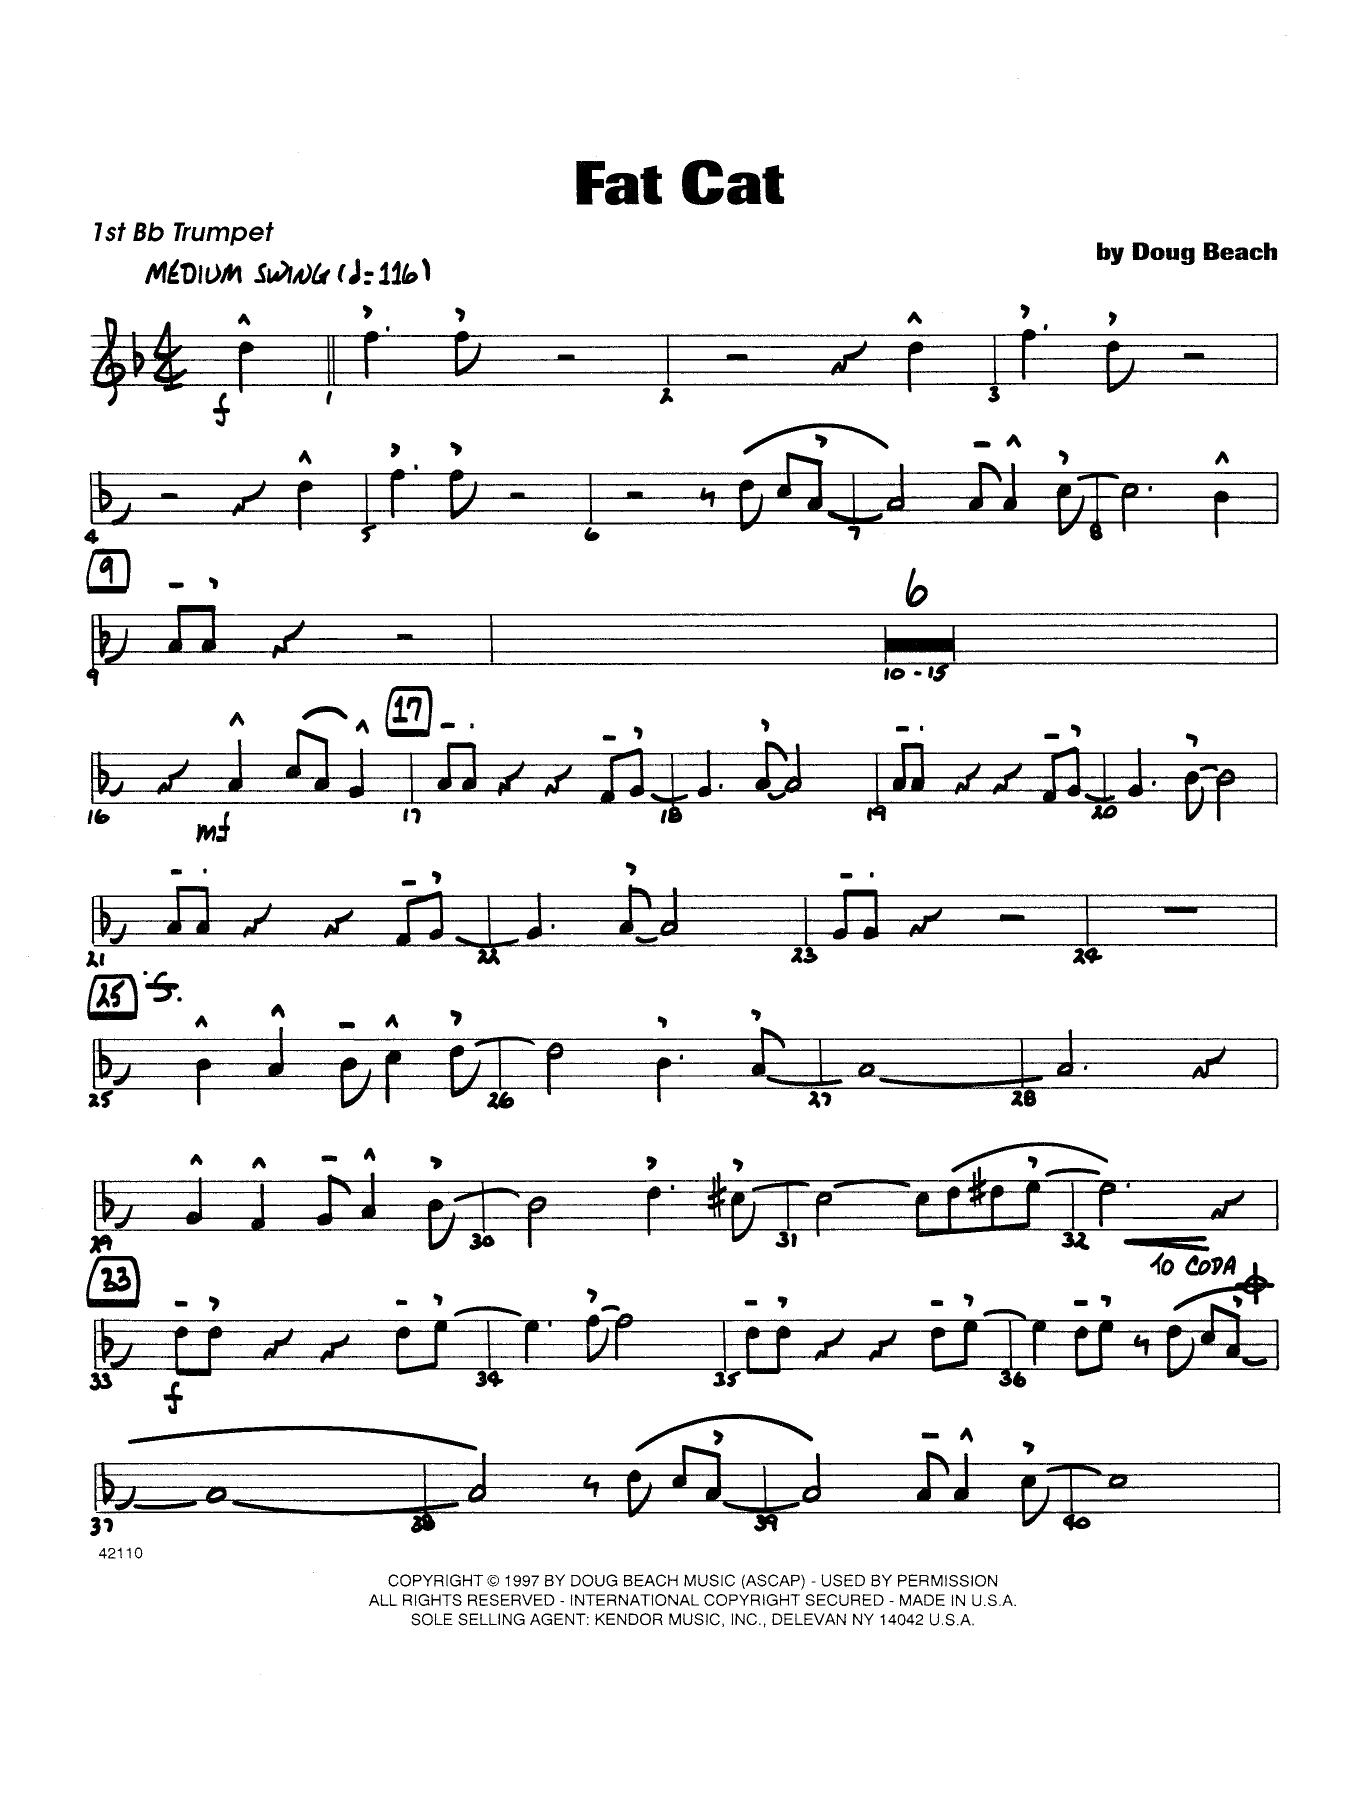 Fat Cat - Trumpet 1 Partituras Digitales